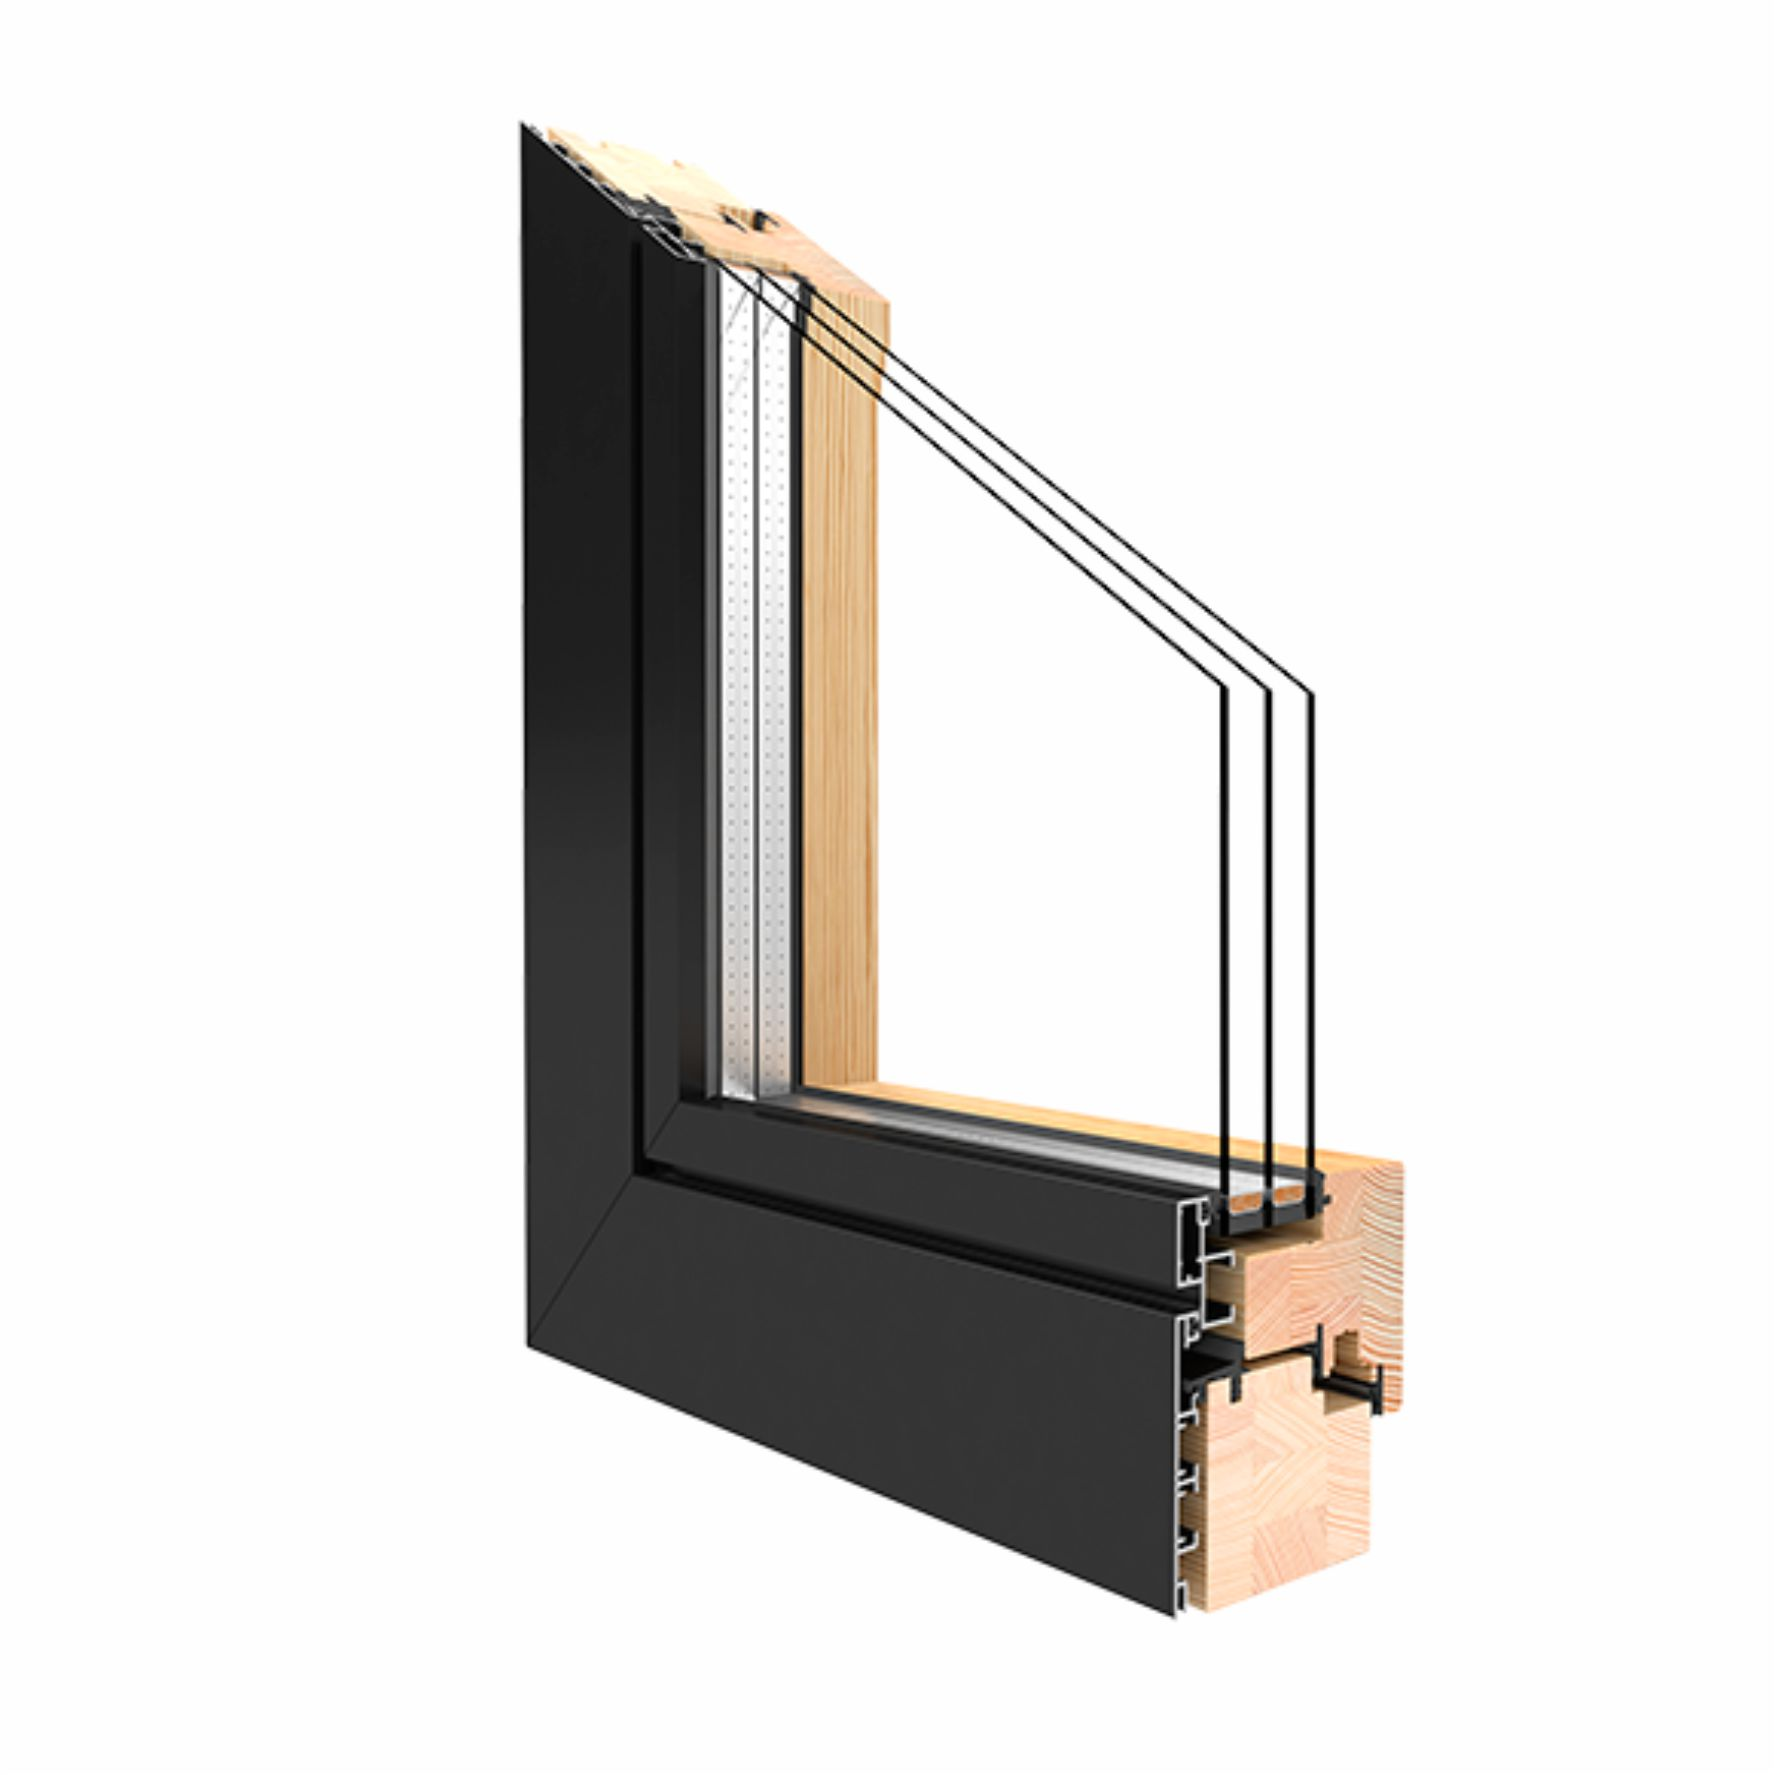 holz alu fenster drutex duoline 78 kiefer fenster alle gr en shop fenster alle profile. Black Bedroom Furniture Sets. Home Design Ideas